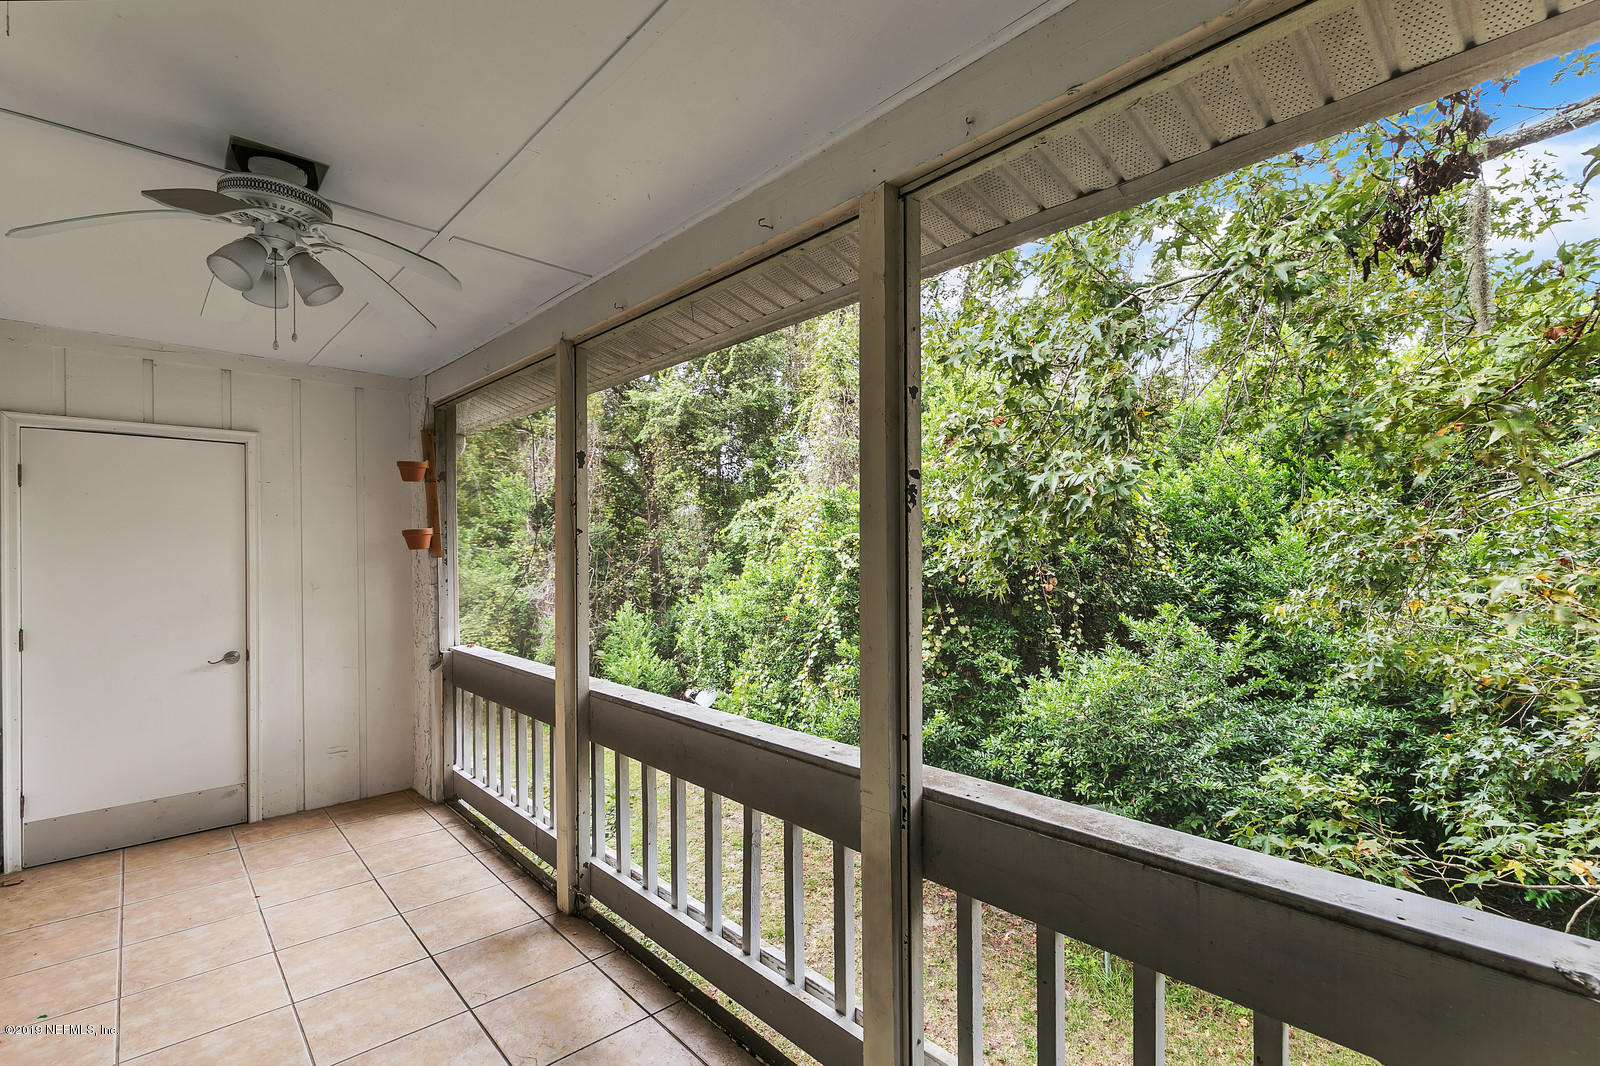 7740 SOUTHSIDE, JACKSONVILLE, FLORIDA 32256, 3 Bedrooms Bedrooms, ,2 BathroomsBathrooms,Condo,For sale,SOUTHSIDE,1011984